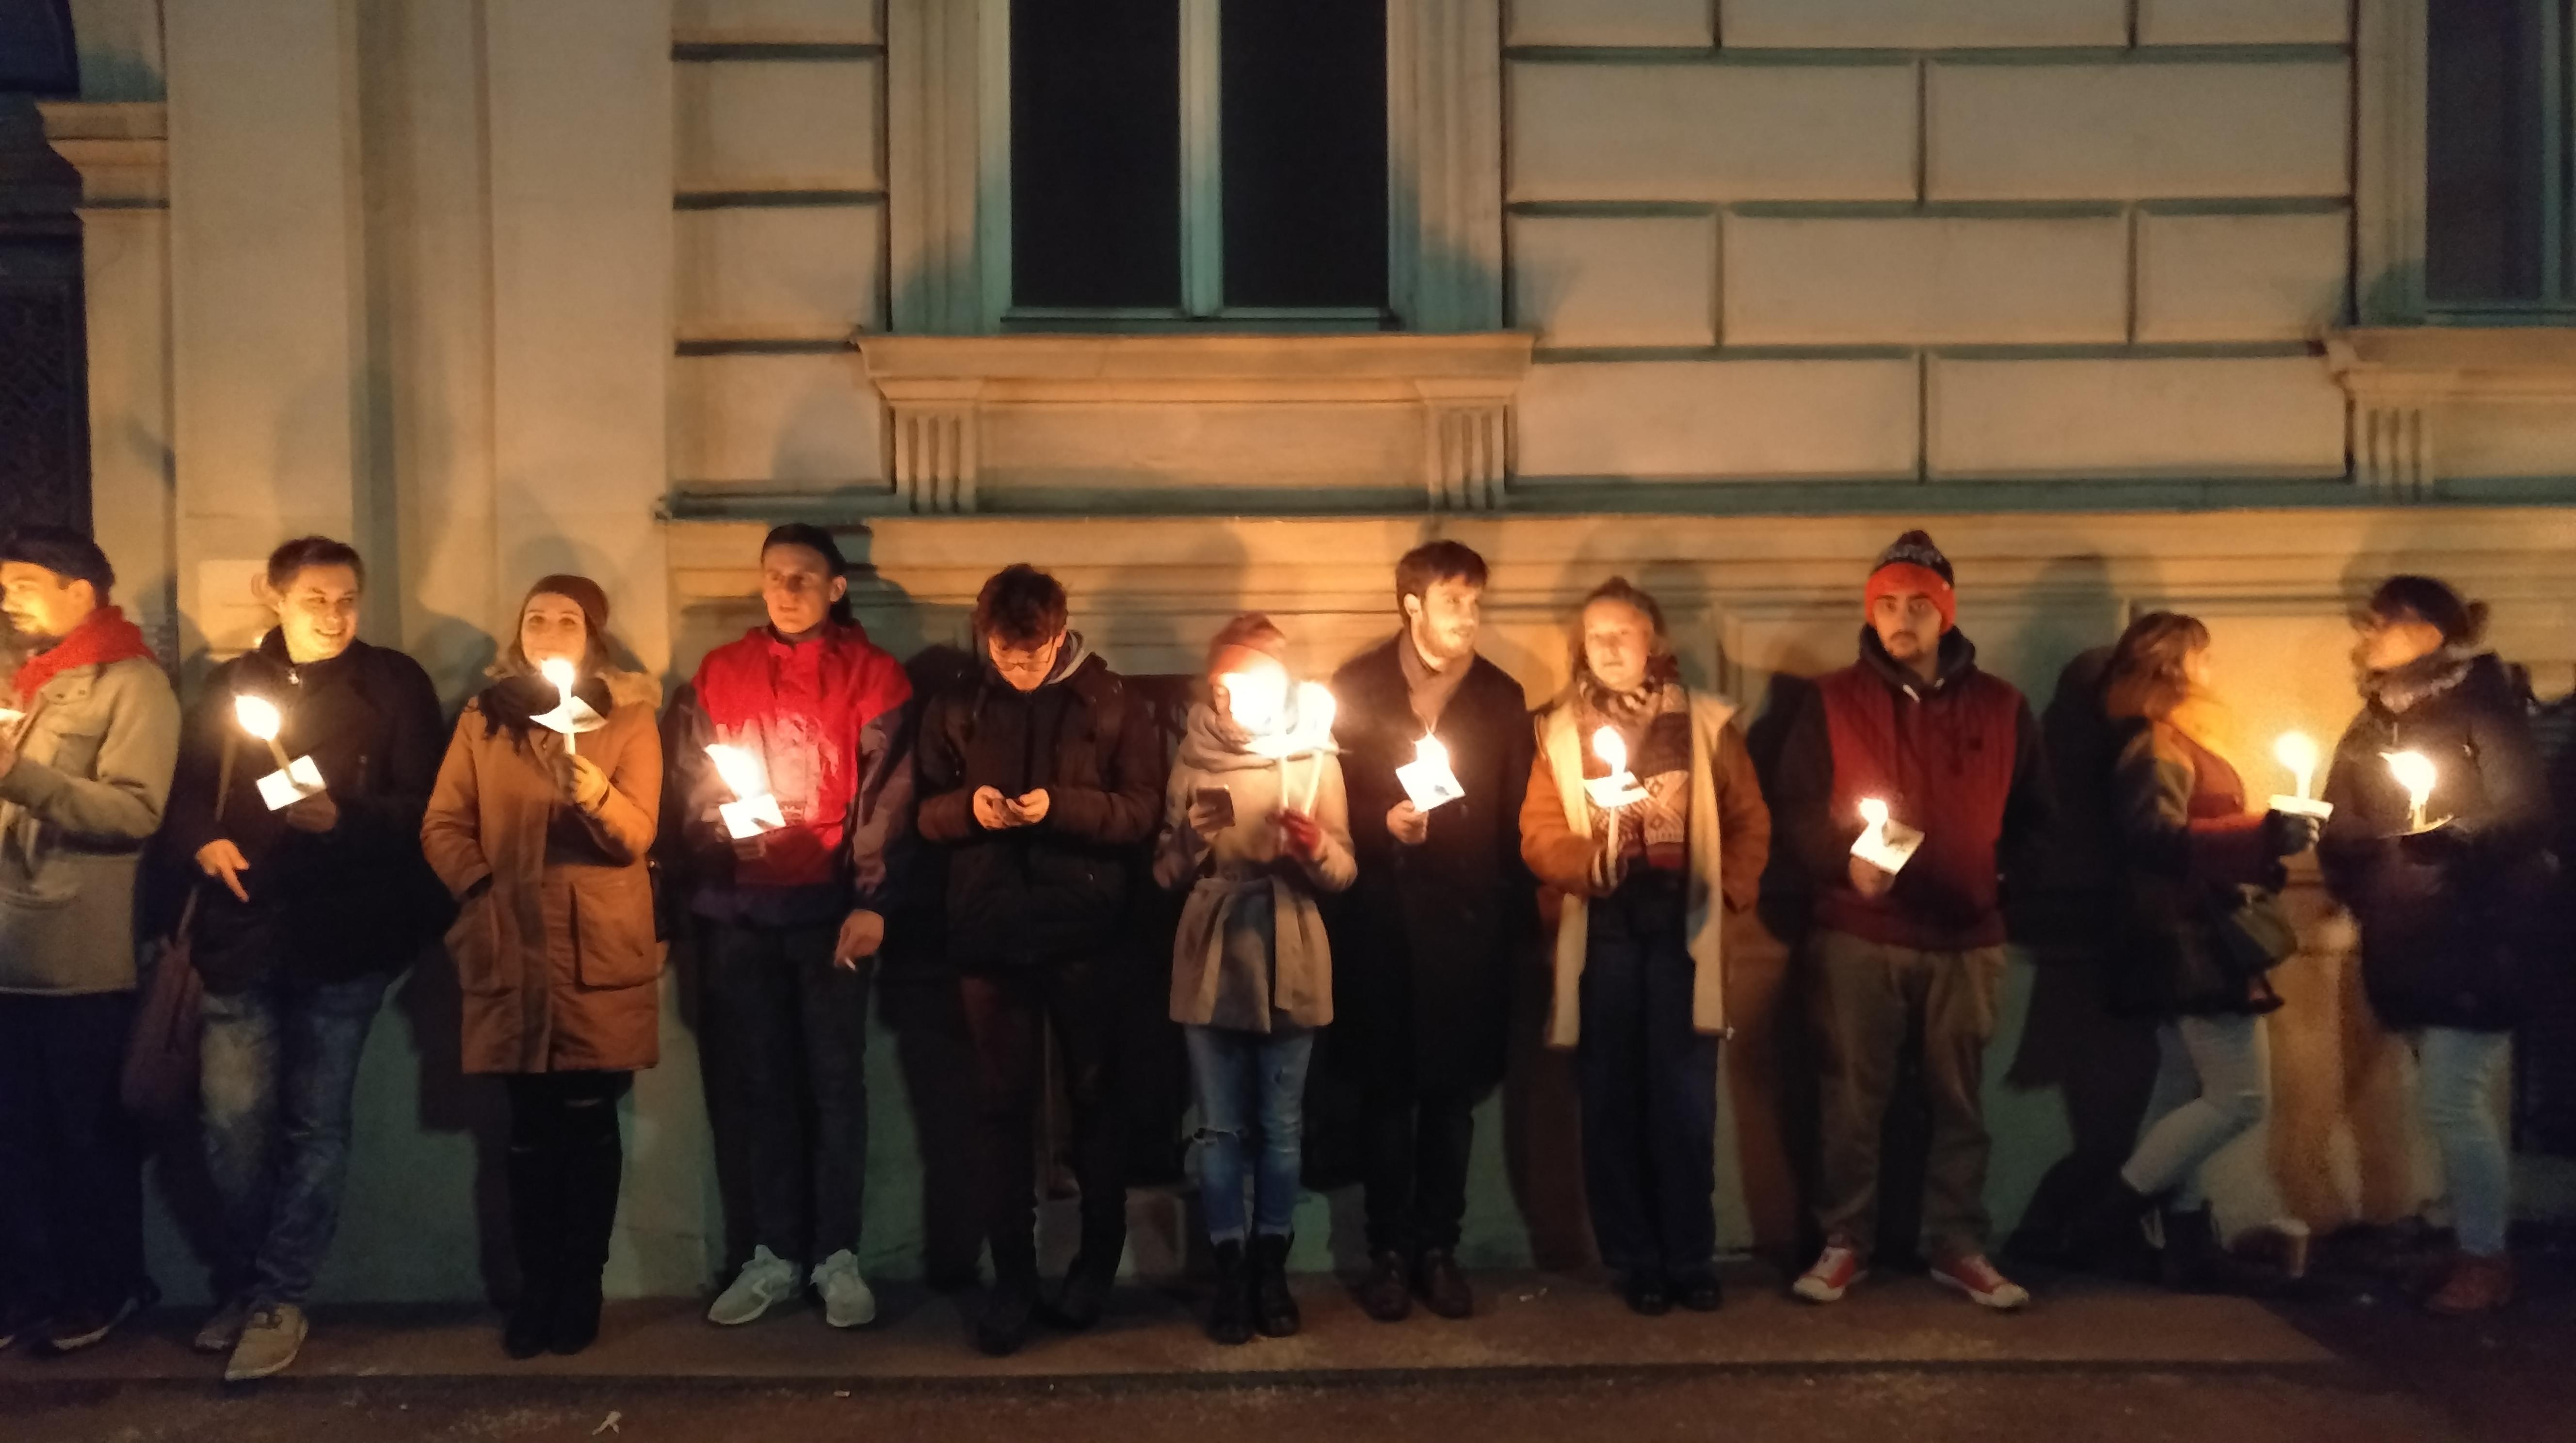 Une chaîne de lumière pour protéger le quartier ministériel des ministres du FPÖ.